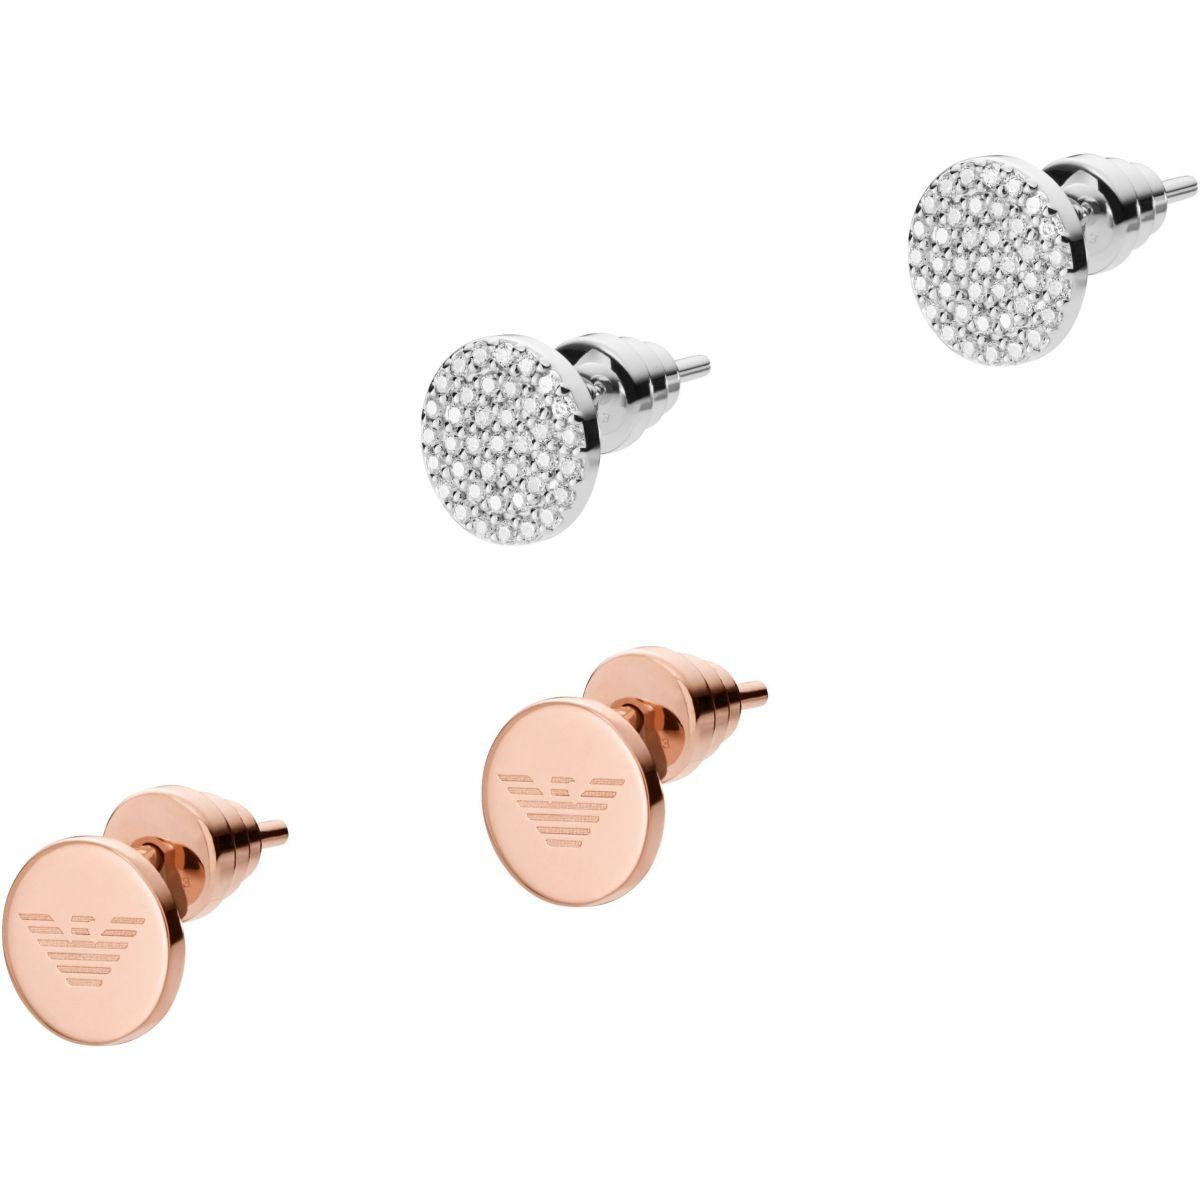 268feac3e2 Gioielli da Donna Emporio Armani Jewellery Pave Disc Stud Earrings Set  EG3333040